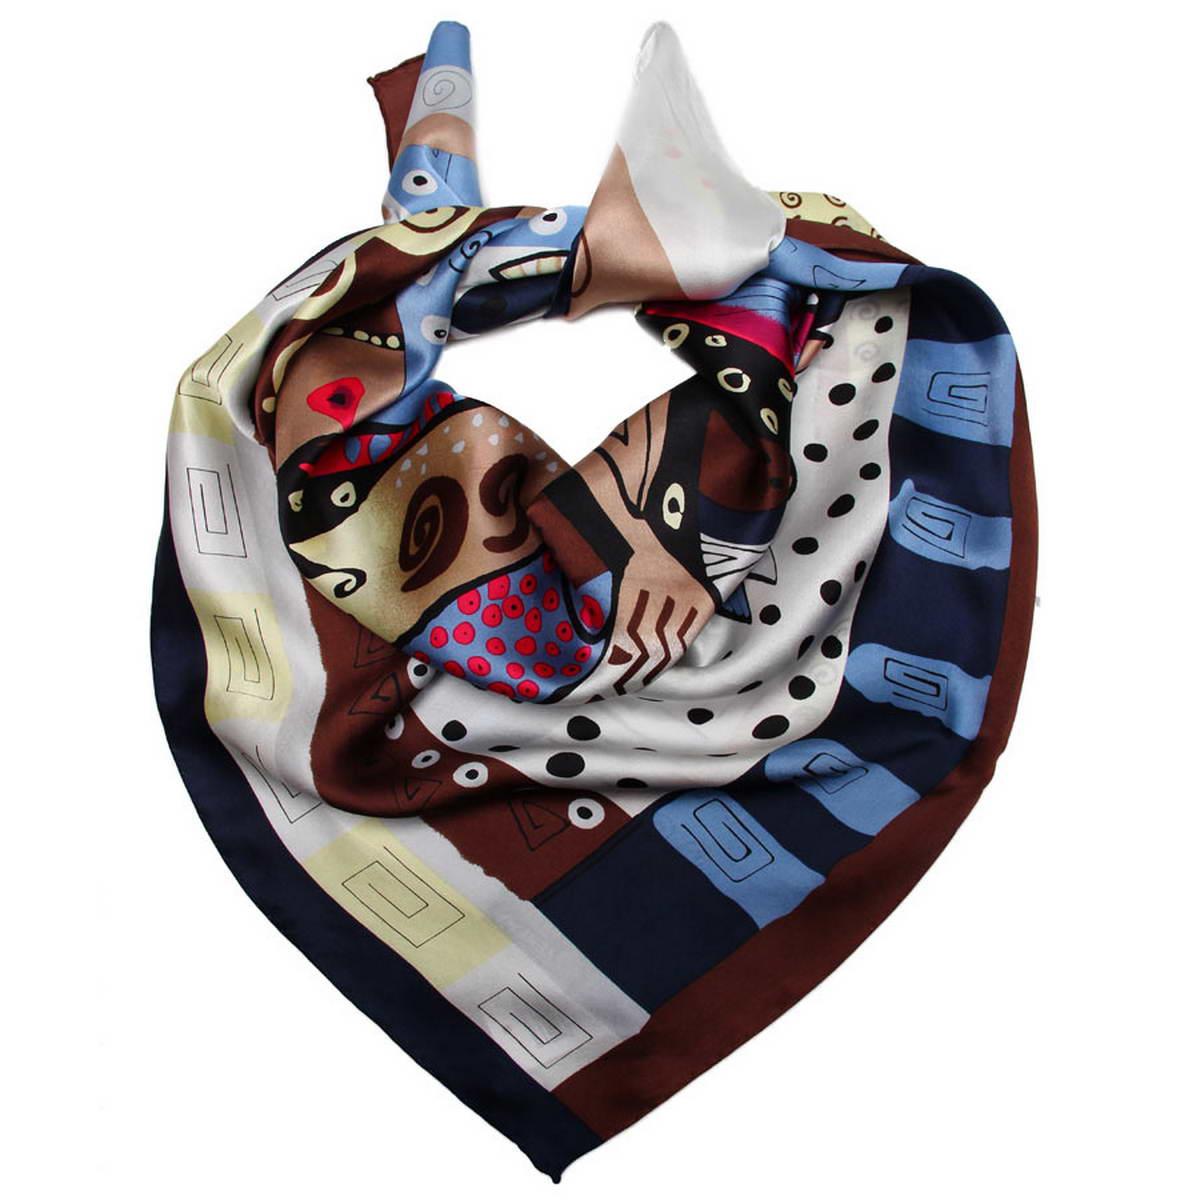 Платок женский. 1810912-151810912-15Стильный женский платок Venera станет великолепным завершением любого наряда. Платок изготовлен из высококачественного 100% шелка и оформлен красочным принтом с изображением забавных кошек с рыбками. Классическая квадратная форма позволяет носить платок на шее, украшать им прическу или декорировать сумочку. Легкий, мягкий и шелковистый платок поможет вам создать изысканный женственный образ, а также согреет в непогоду. Такой платок превосходно дополнит любой наряд и подчеркнет ваш неповторимый вкус и элегантность.